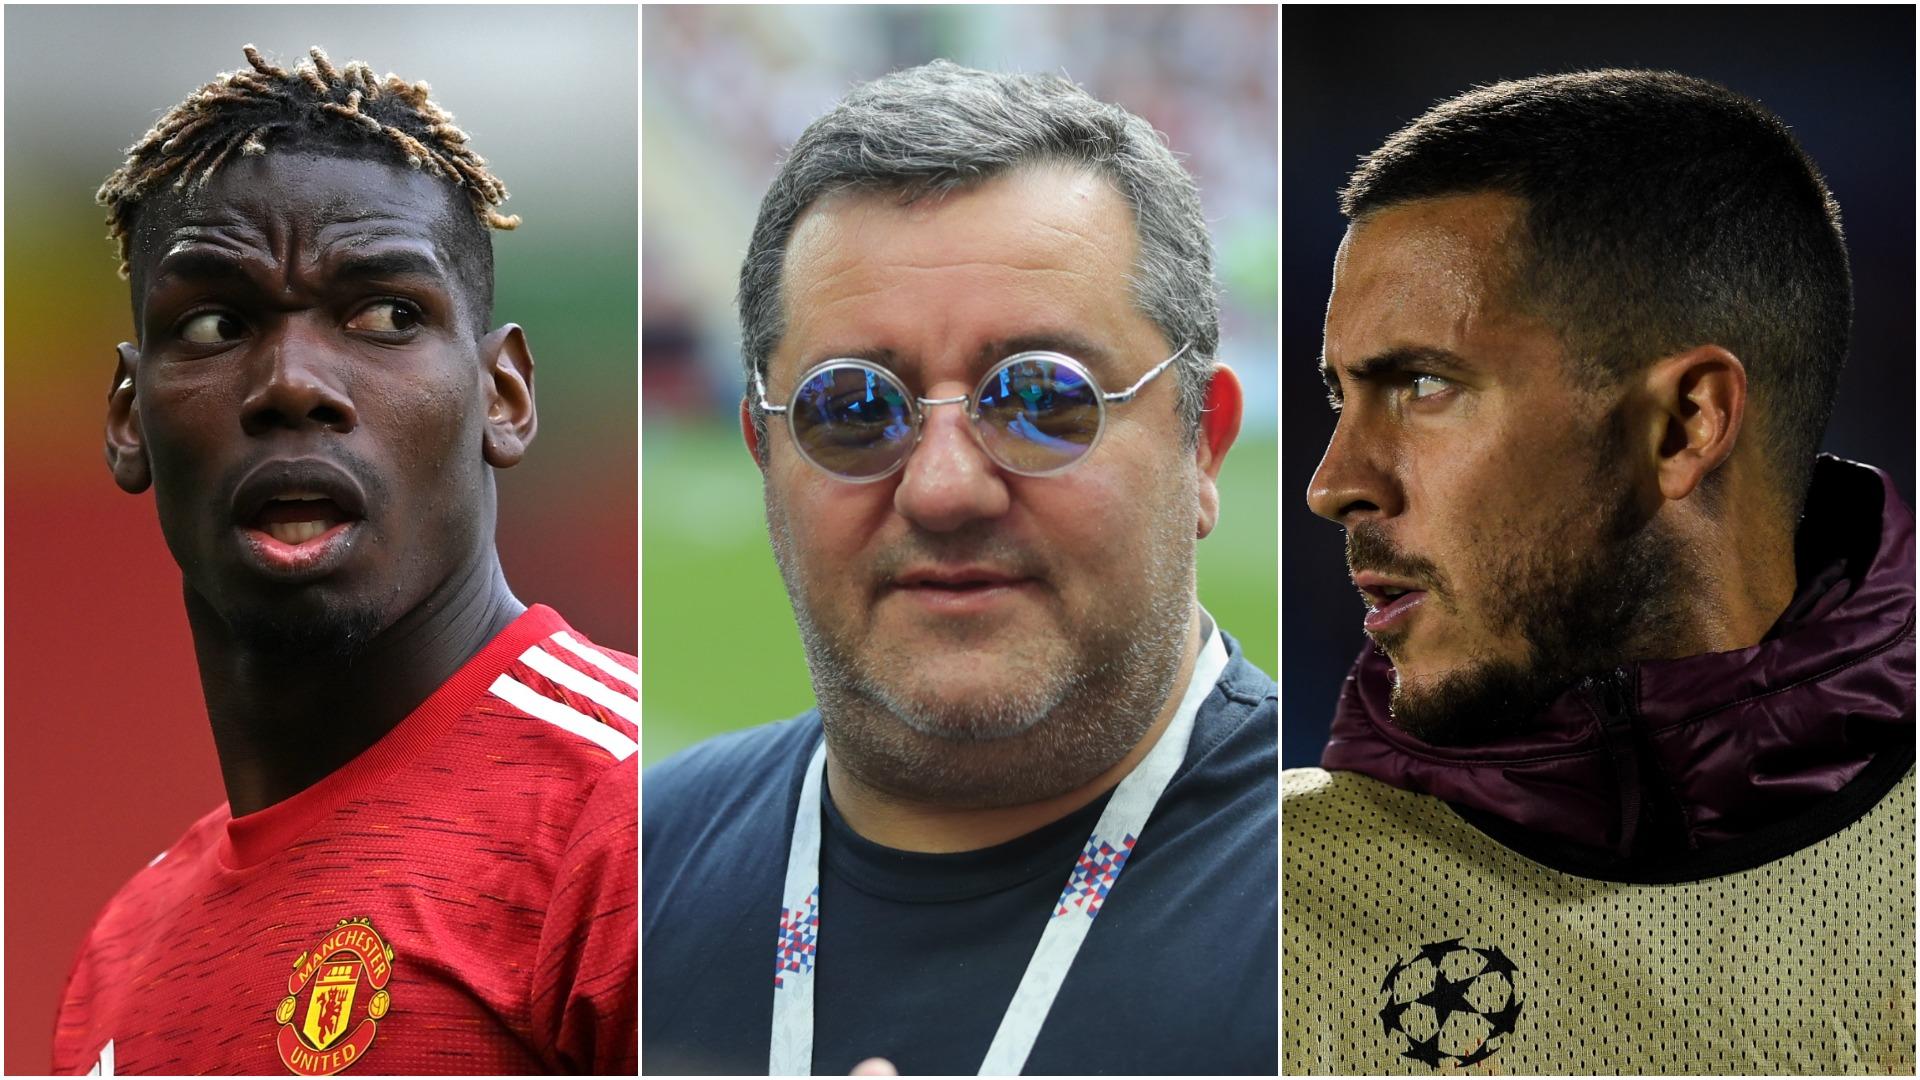 """E mâna lui Raiola în """"mega-mutarea"""" verii. Paul Pogba, la schimb cu Eden Hazard. Anunțul presei britanice"""